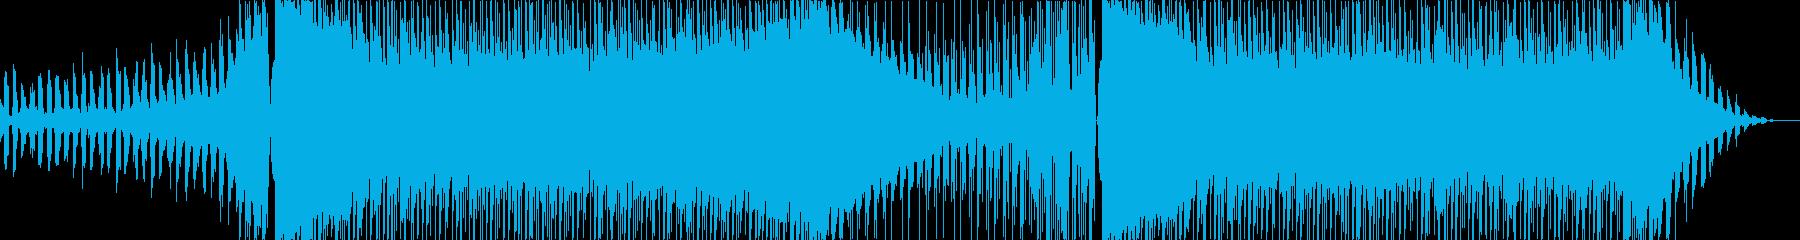 キャッチーで少しダークなEDMメロ無しの再生済みの波形